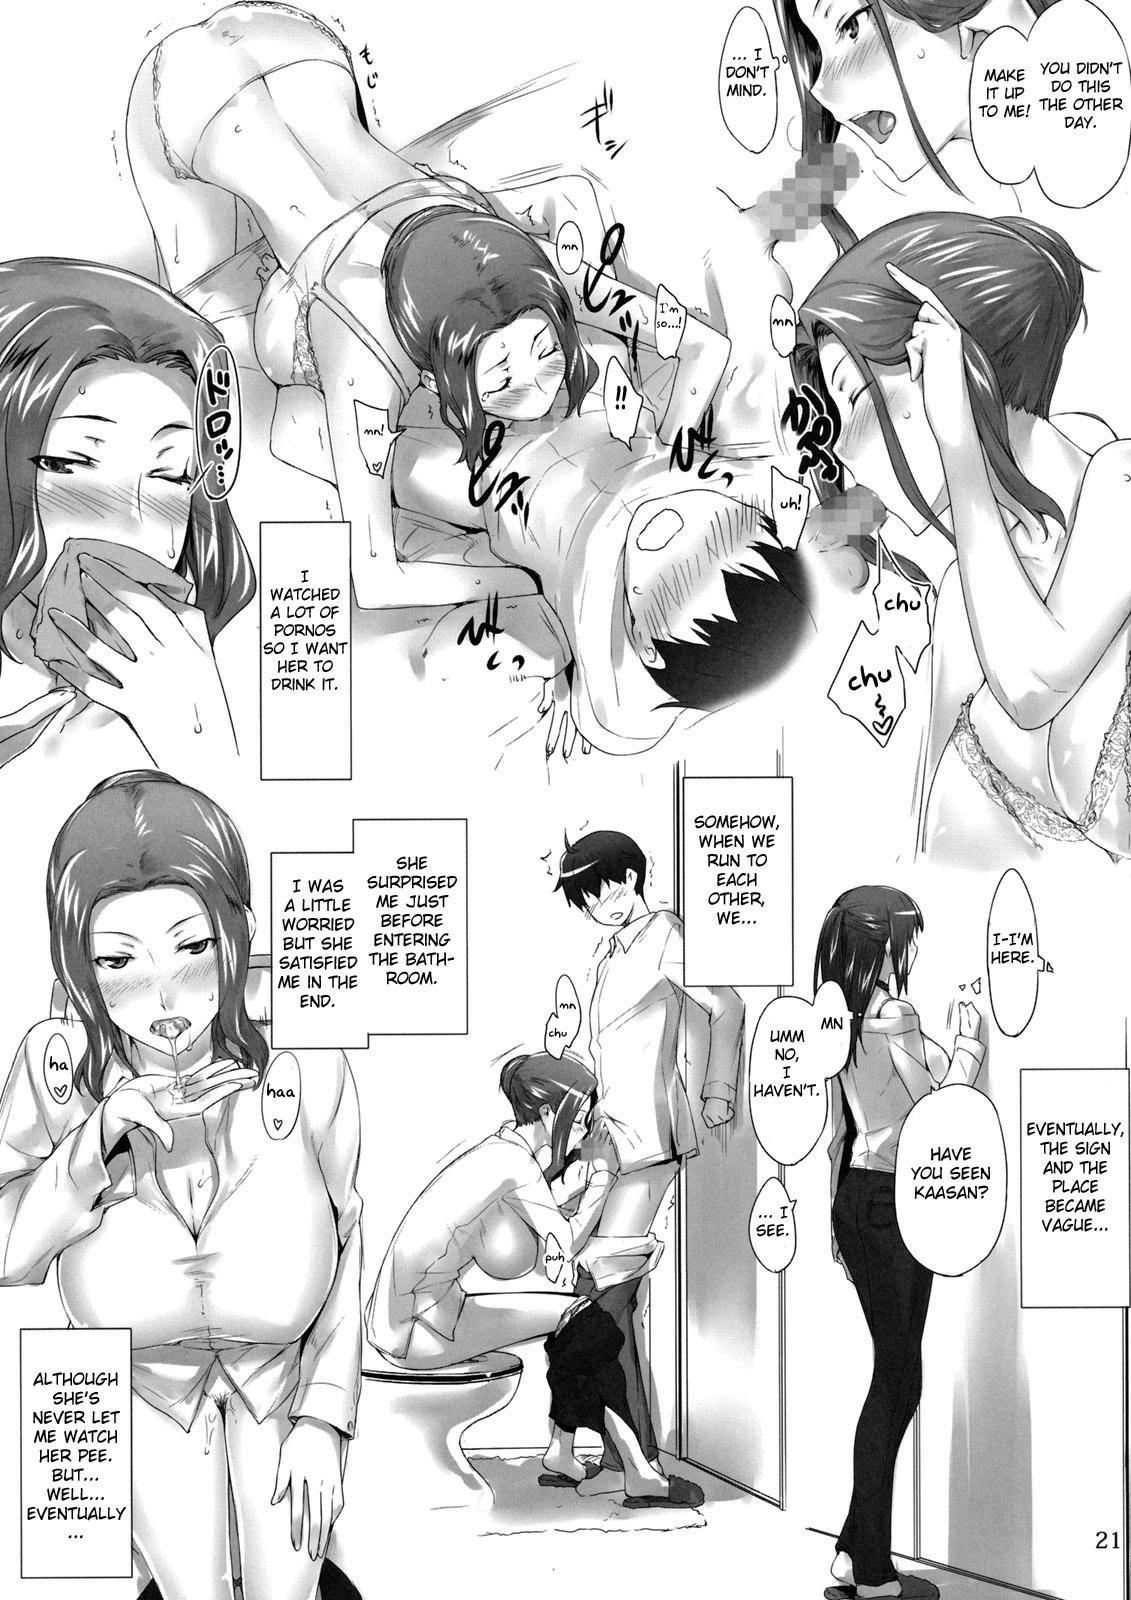 (C81) [MTSP (Jin)] Tachibana-san-chi no Dansei Jijou | Tachibana-san's Circumstances With a Man [English] {doujin-moe.us} 19